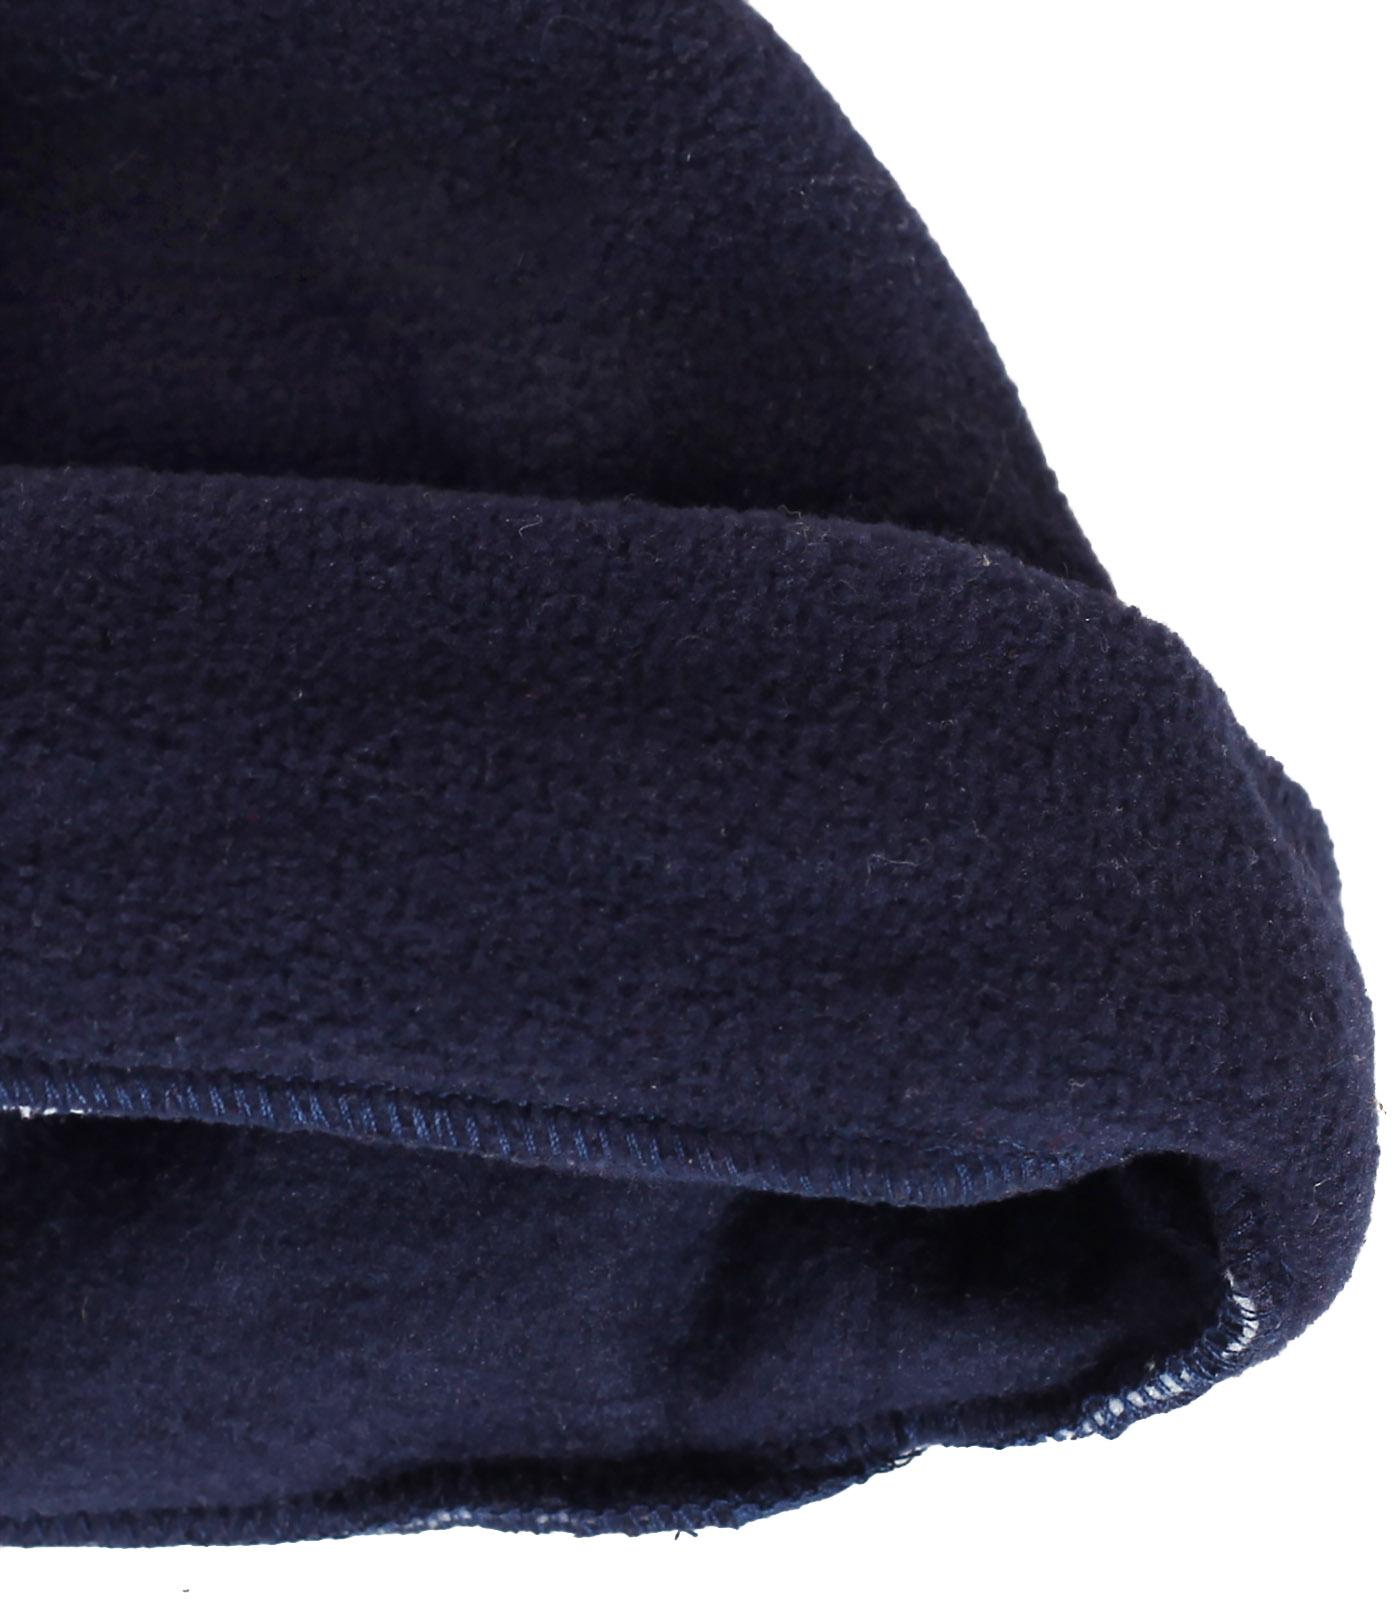 Купить флисовую спортивную мужскую шапку по лучшей цене